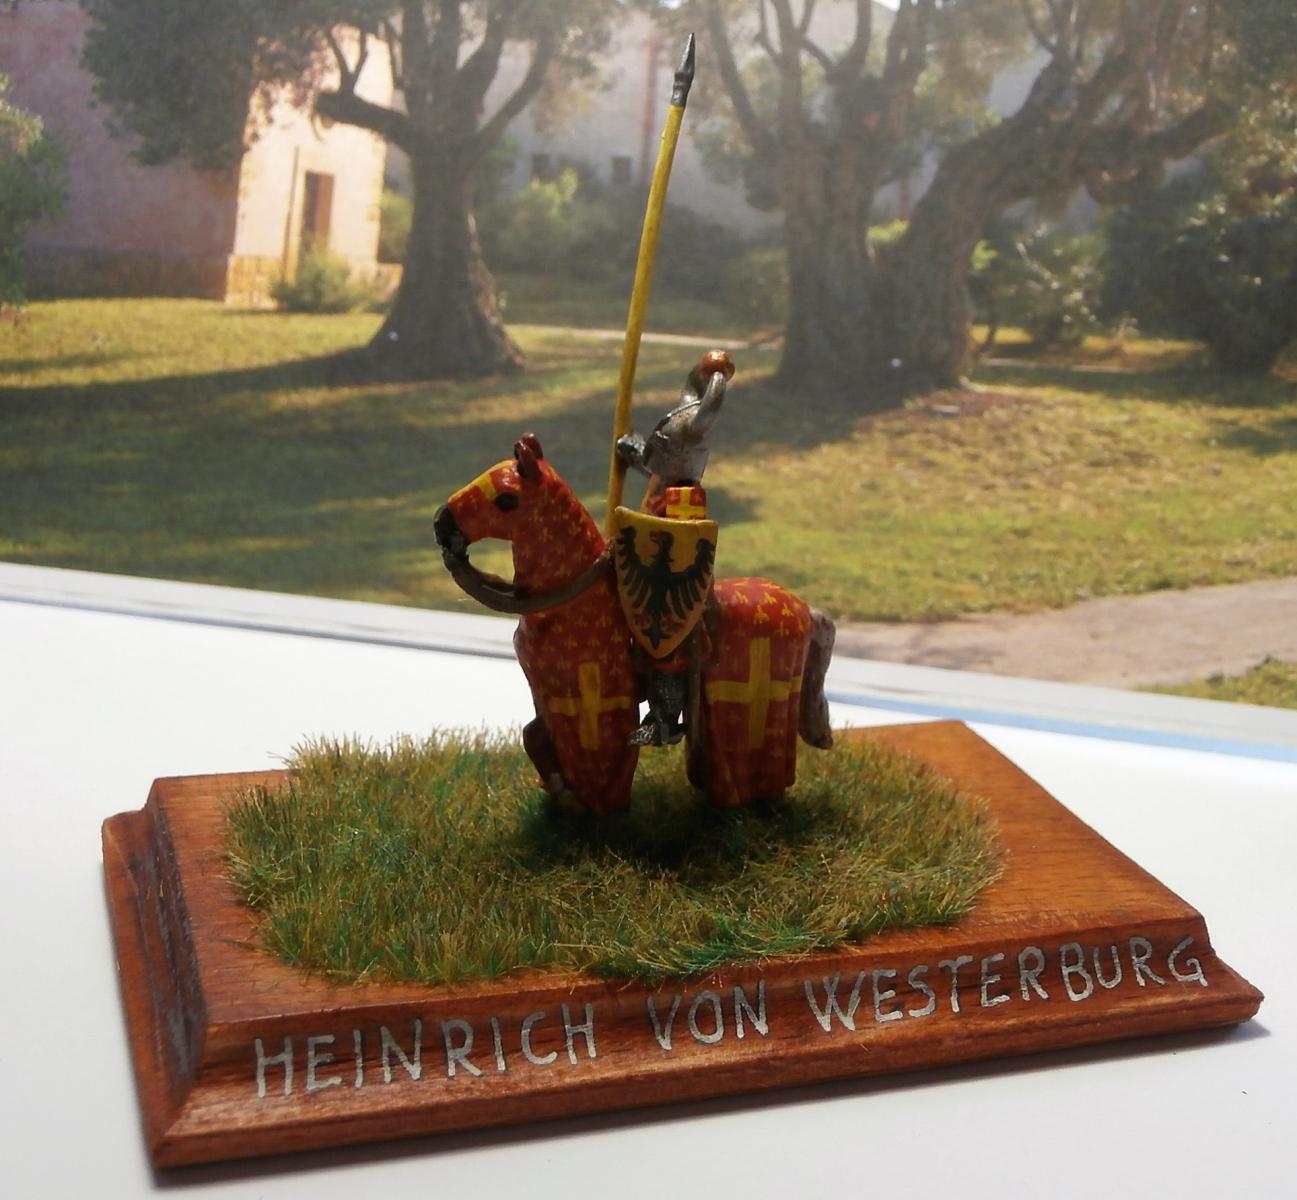 Heinrich von Westergurg